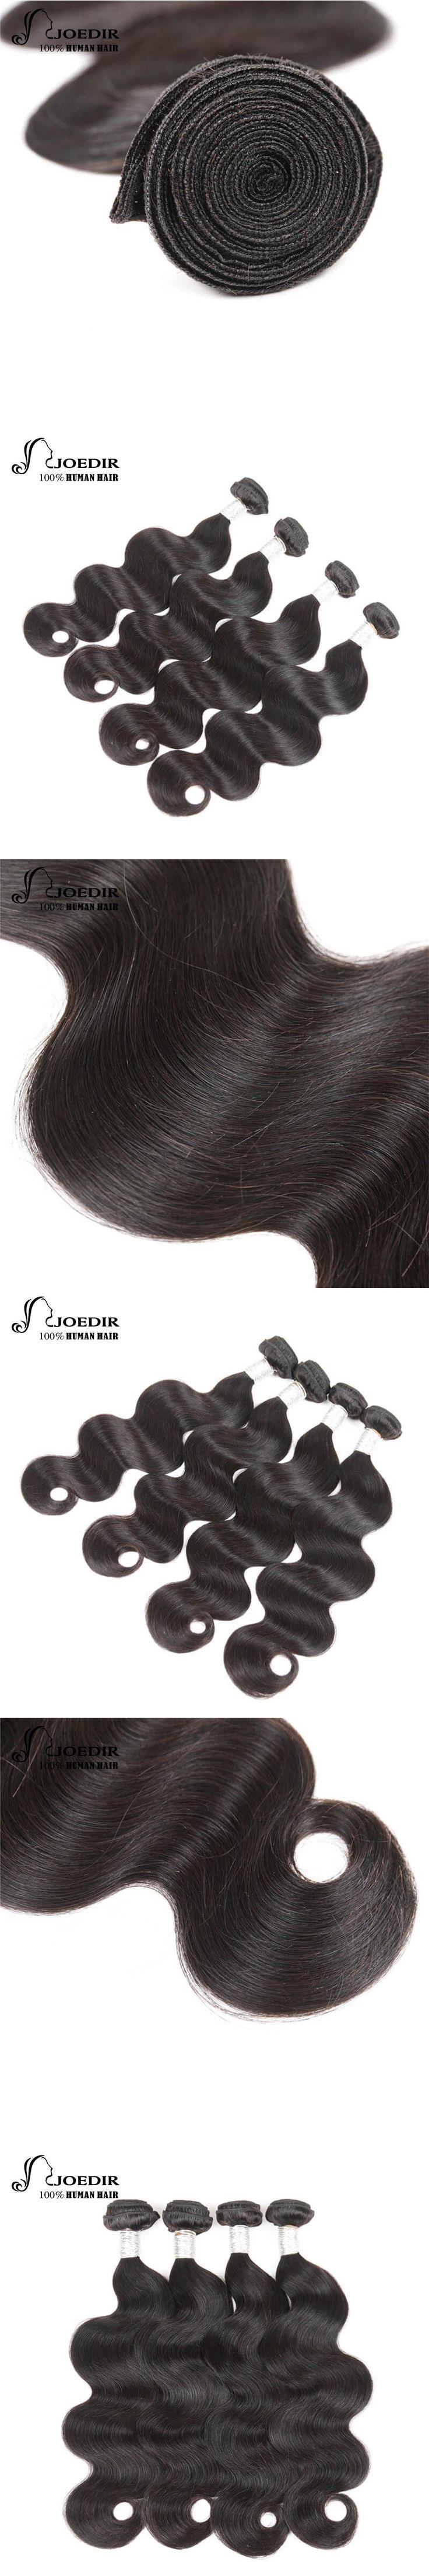 Joedir Pre-colored Peruvian Hair Body Wave Hair Bundle Deals 3 Bundles 4 Bundles  Remy Natural Color Human Hair Weave Bundles